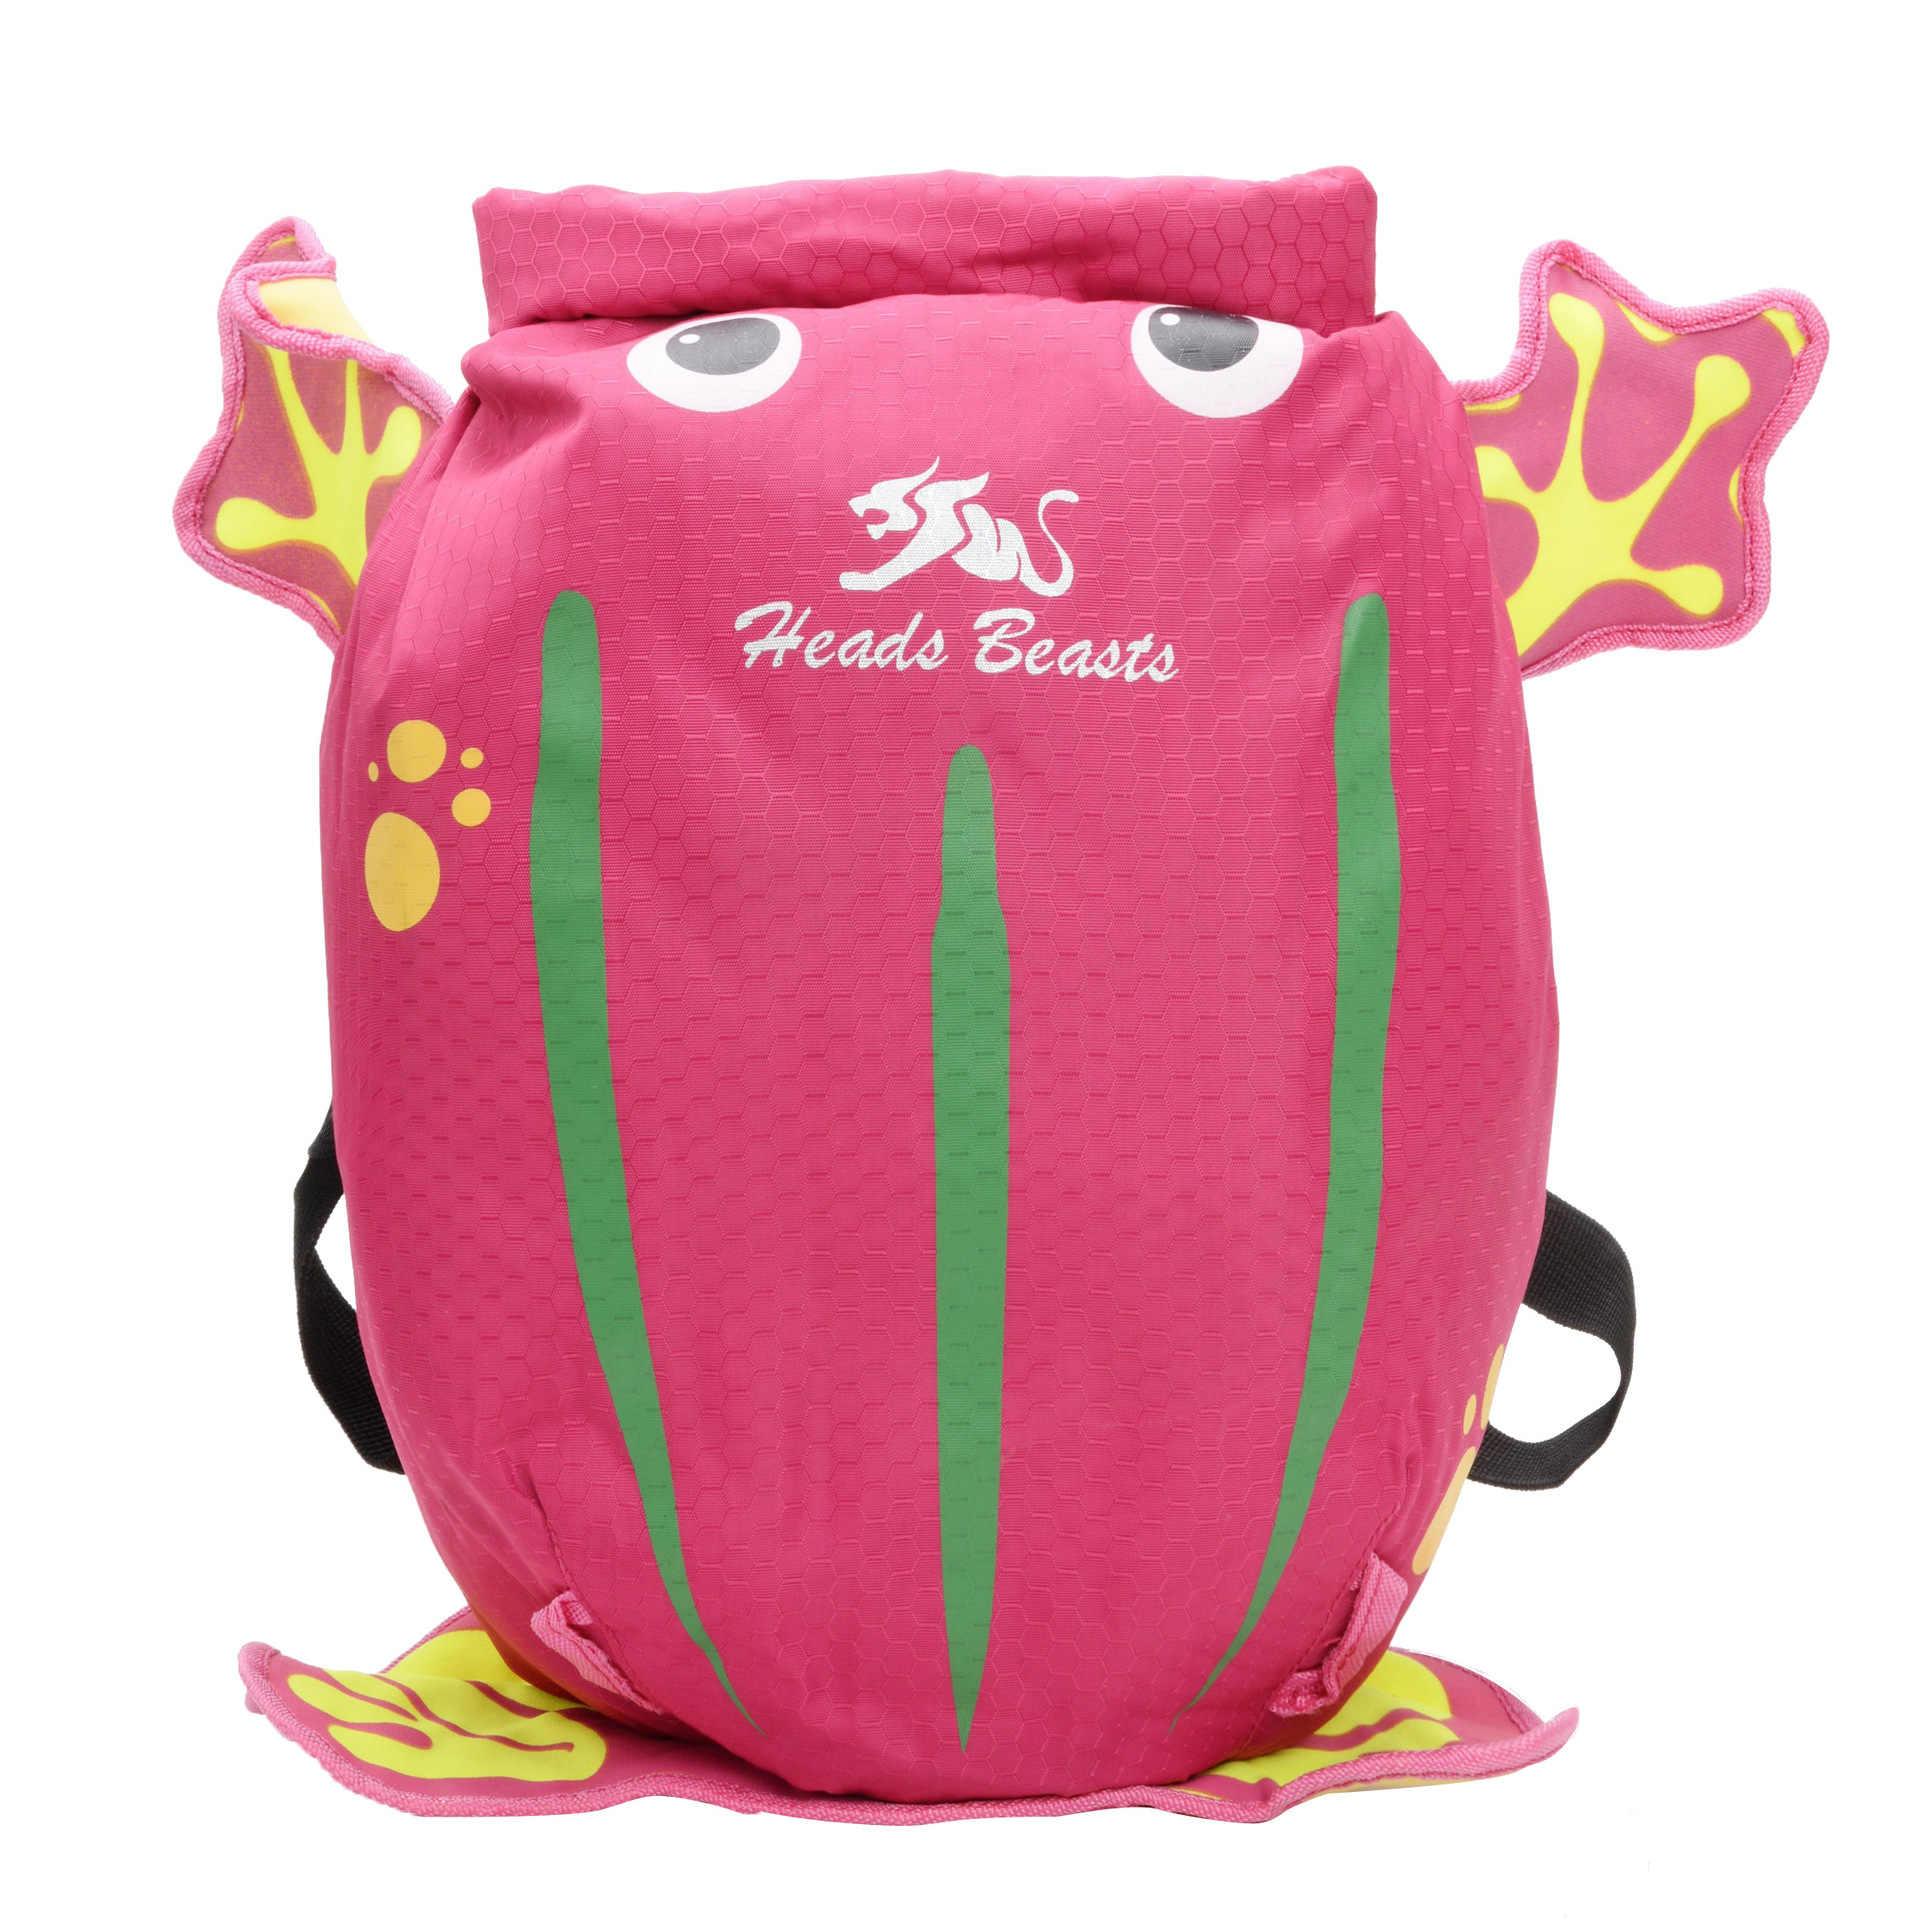 LXFZQ Schule Tasche Mochilas Escolar Kinder Schule Taschen Kinder Taschen Kinder Rucksäcke Kinder Schule Orthopädische Rucksack Jungen Cartoon Tasche